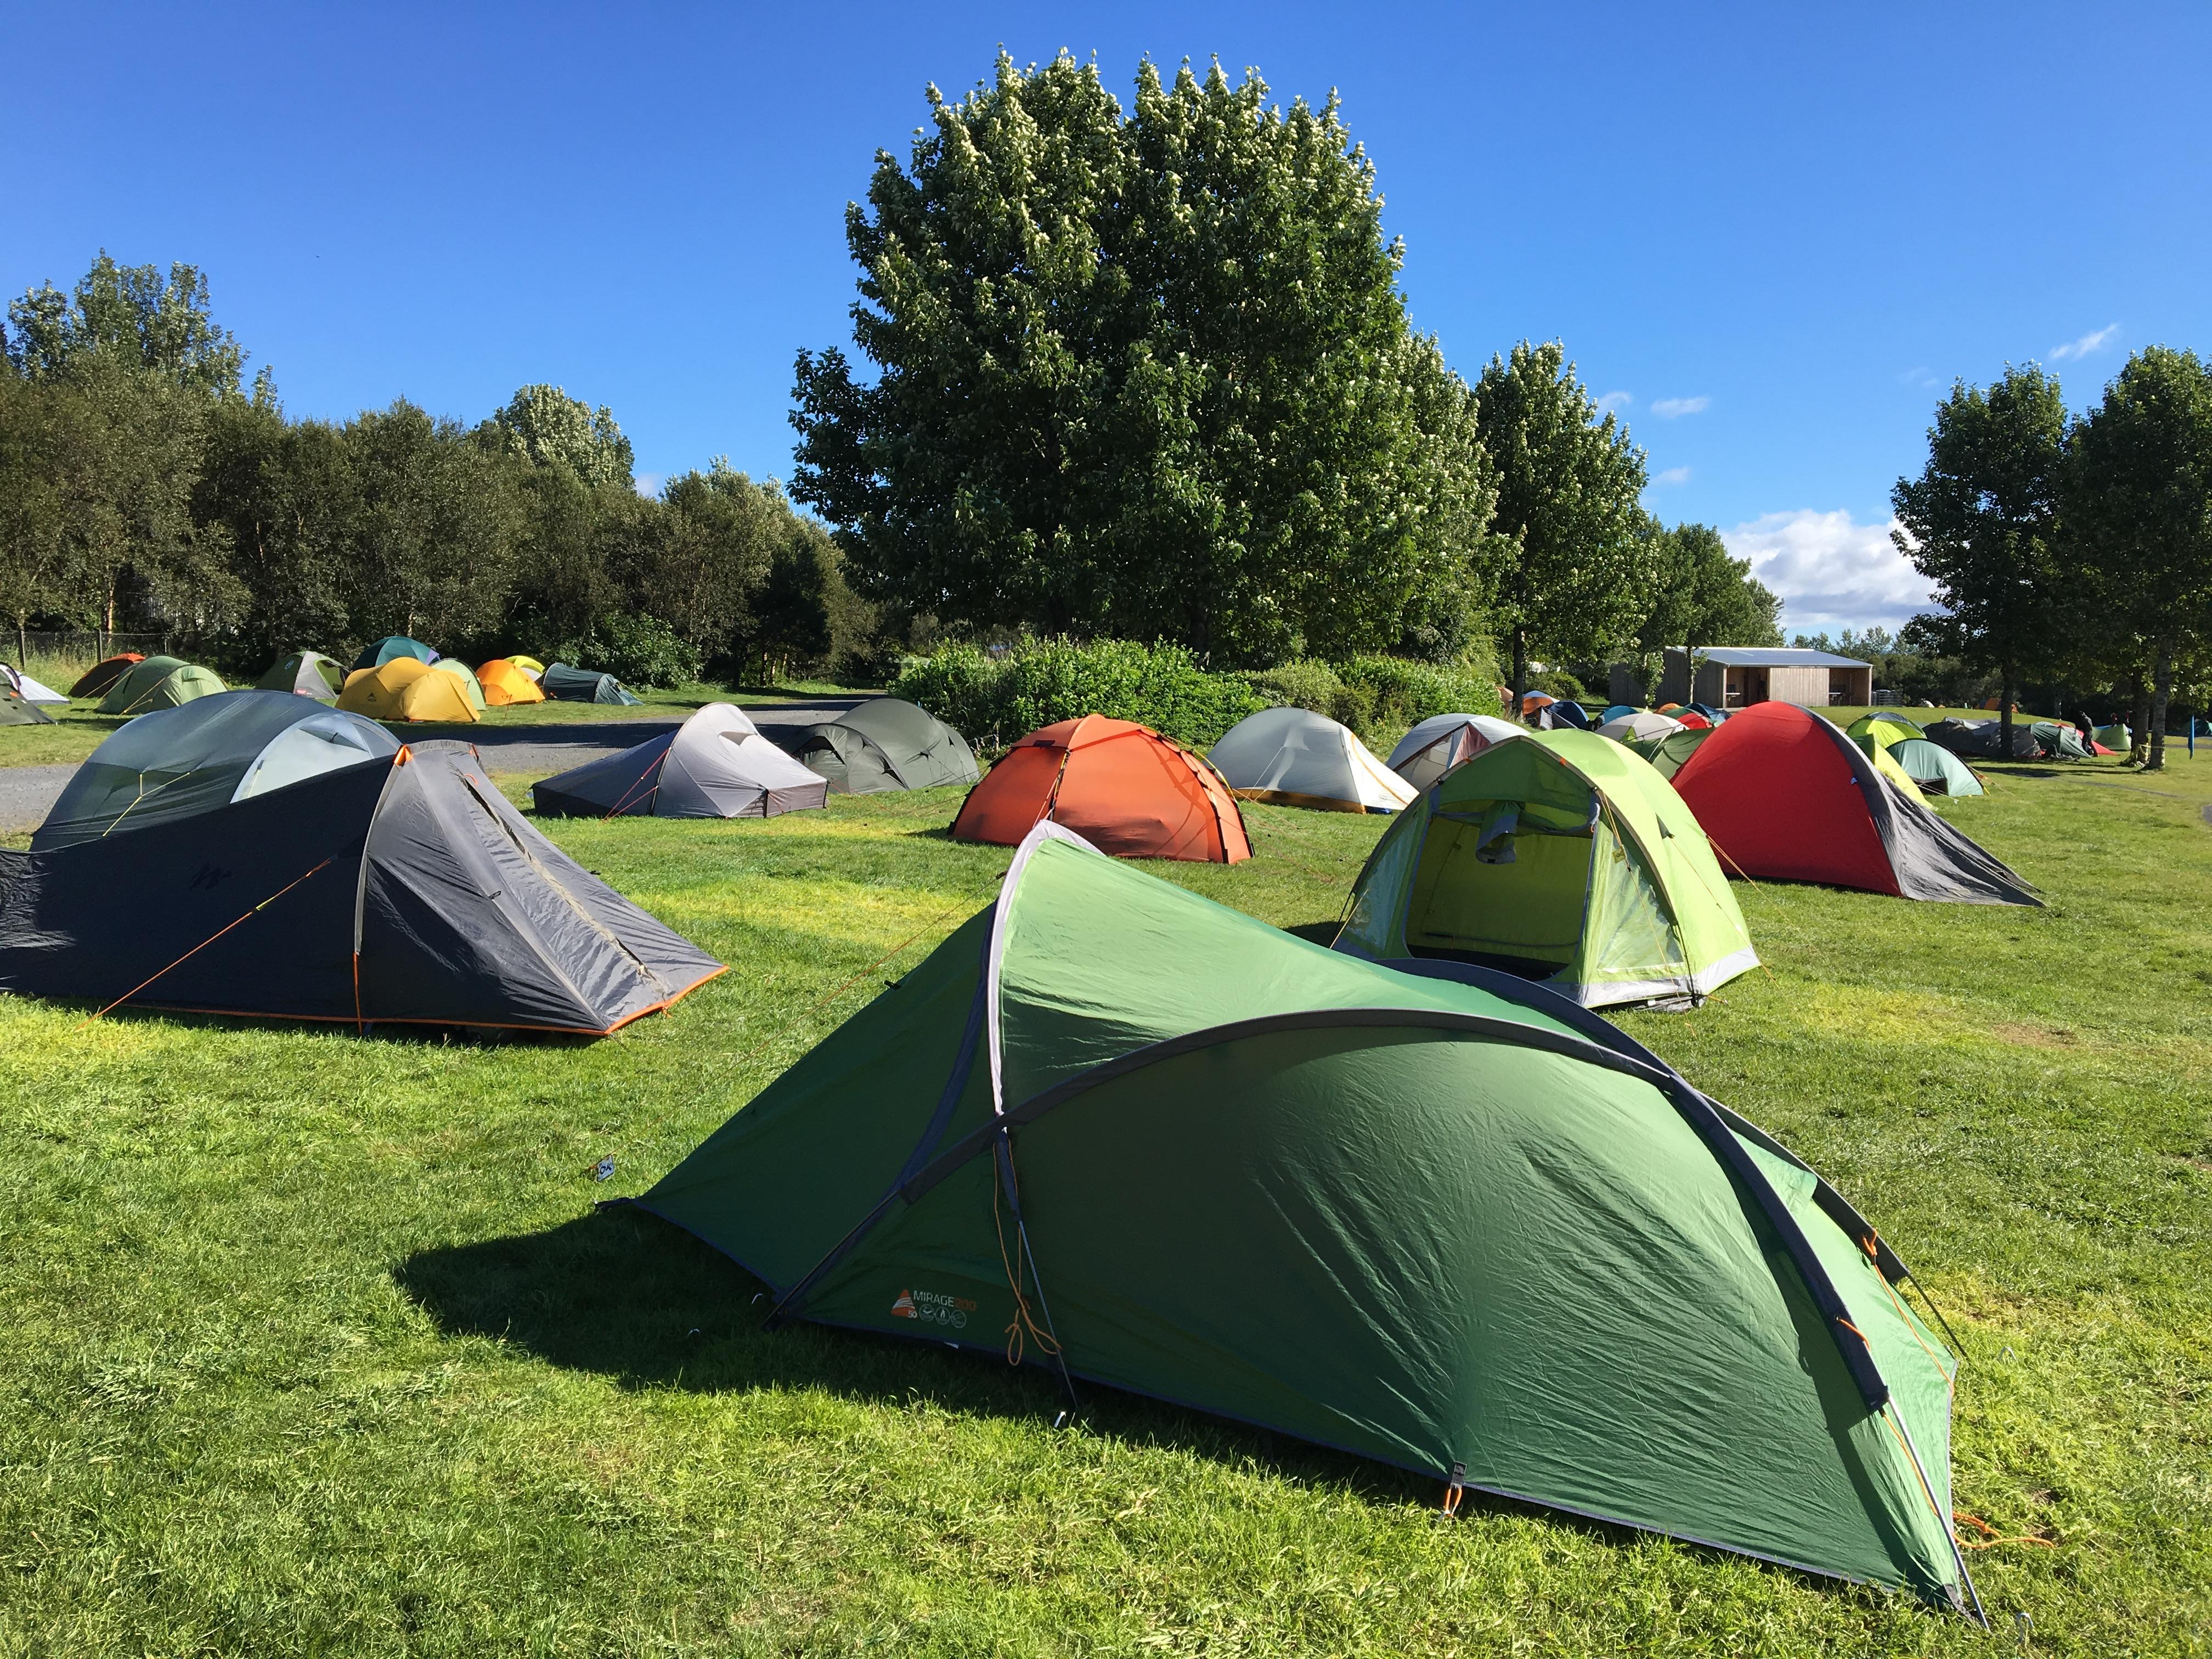 Afluencia de tiendas de campaña en el camping en Reikiavik